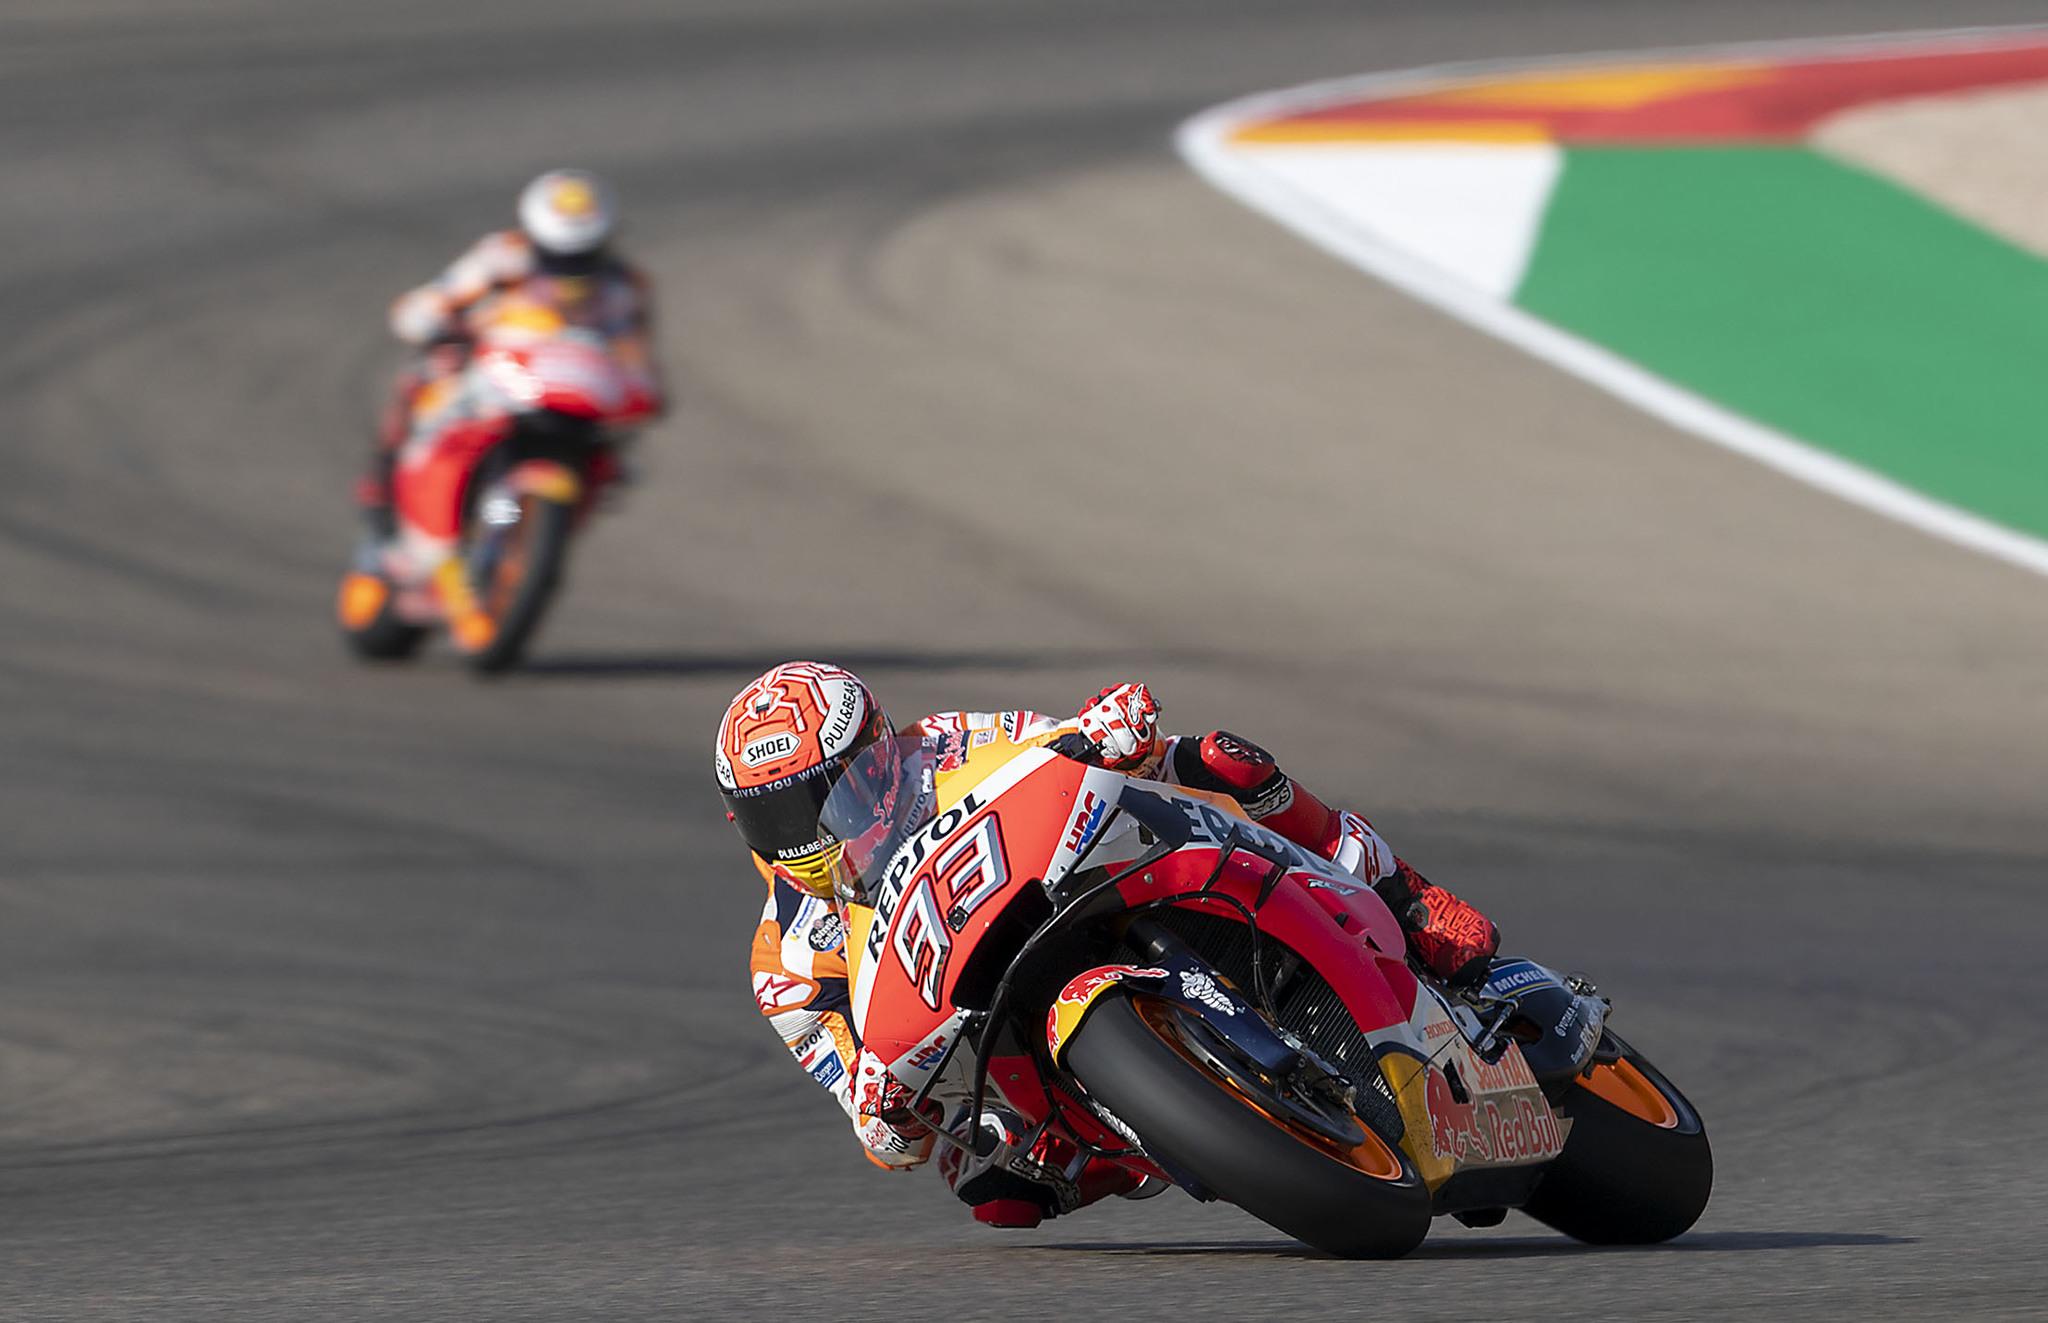 Marc Márquez protagonizó una espectacular caída en el MotoGP de Tailandia